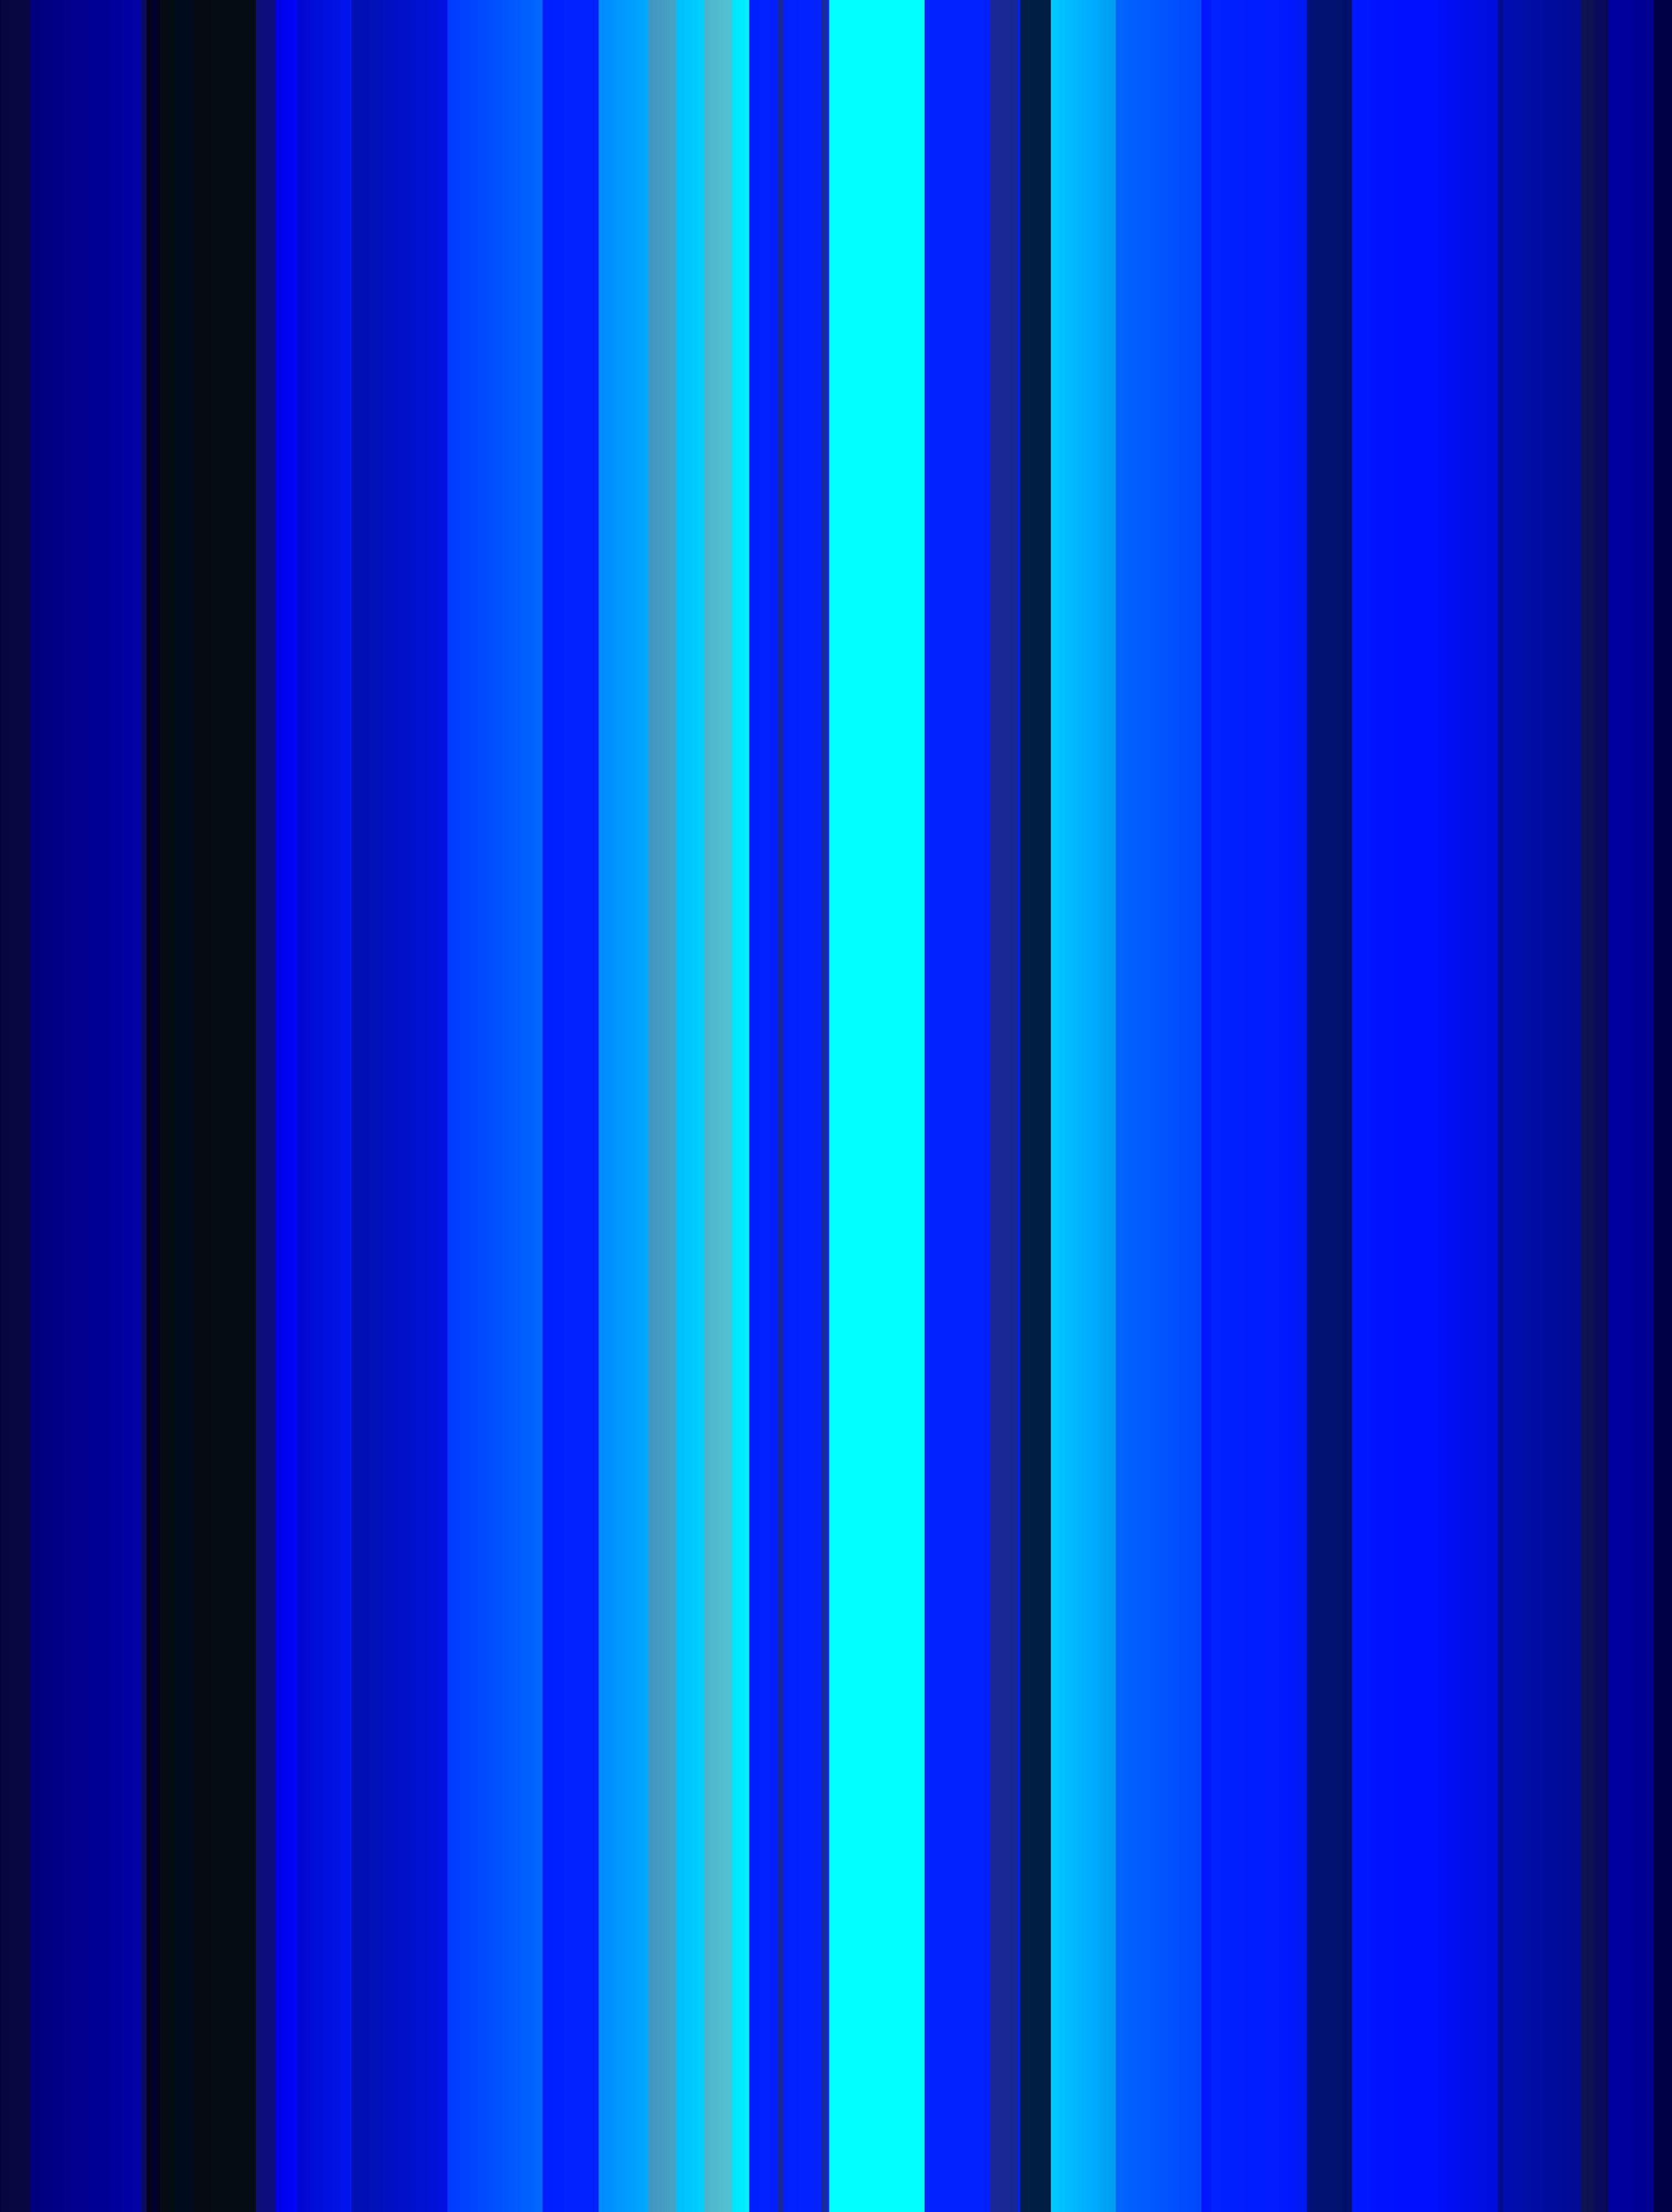 A bit of blue 64 - 4 2